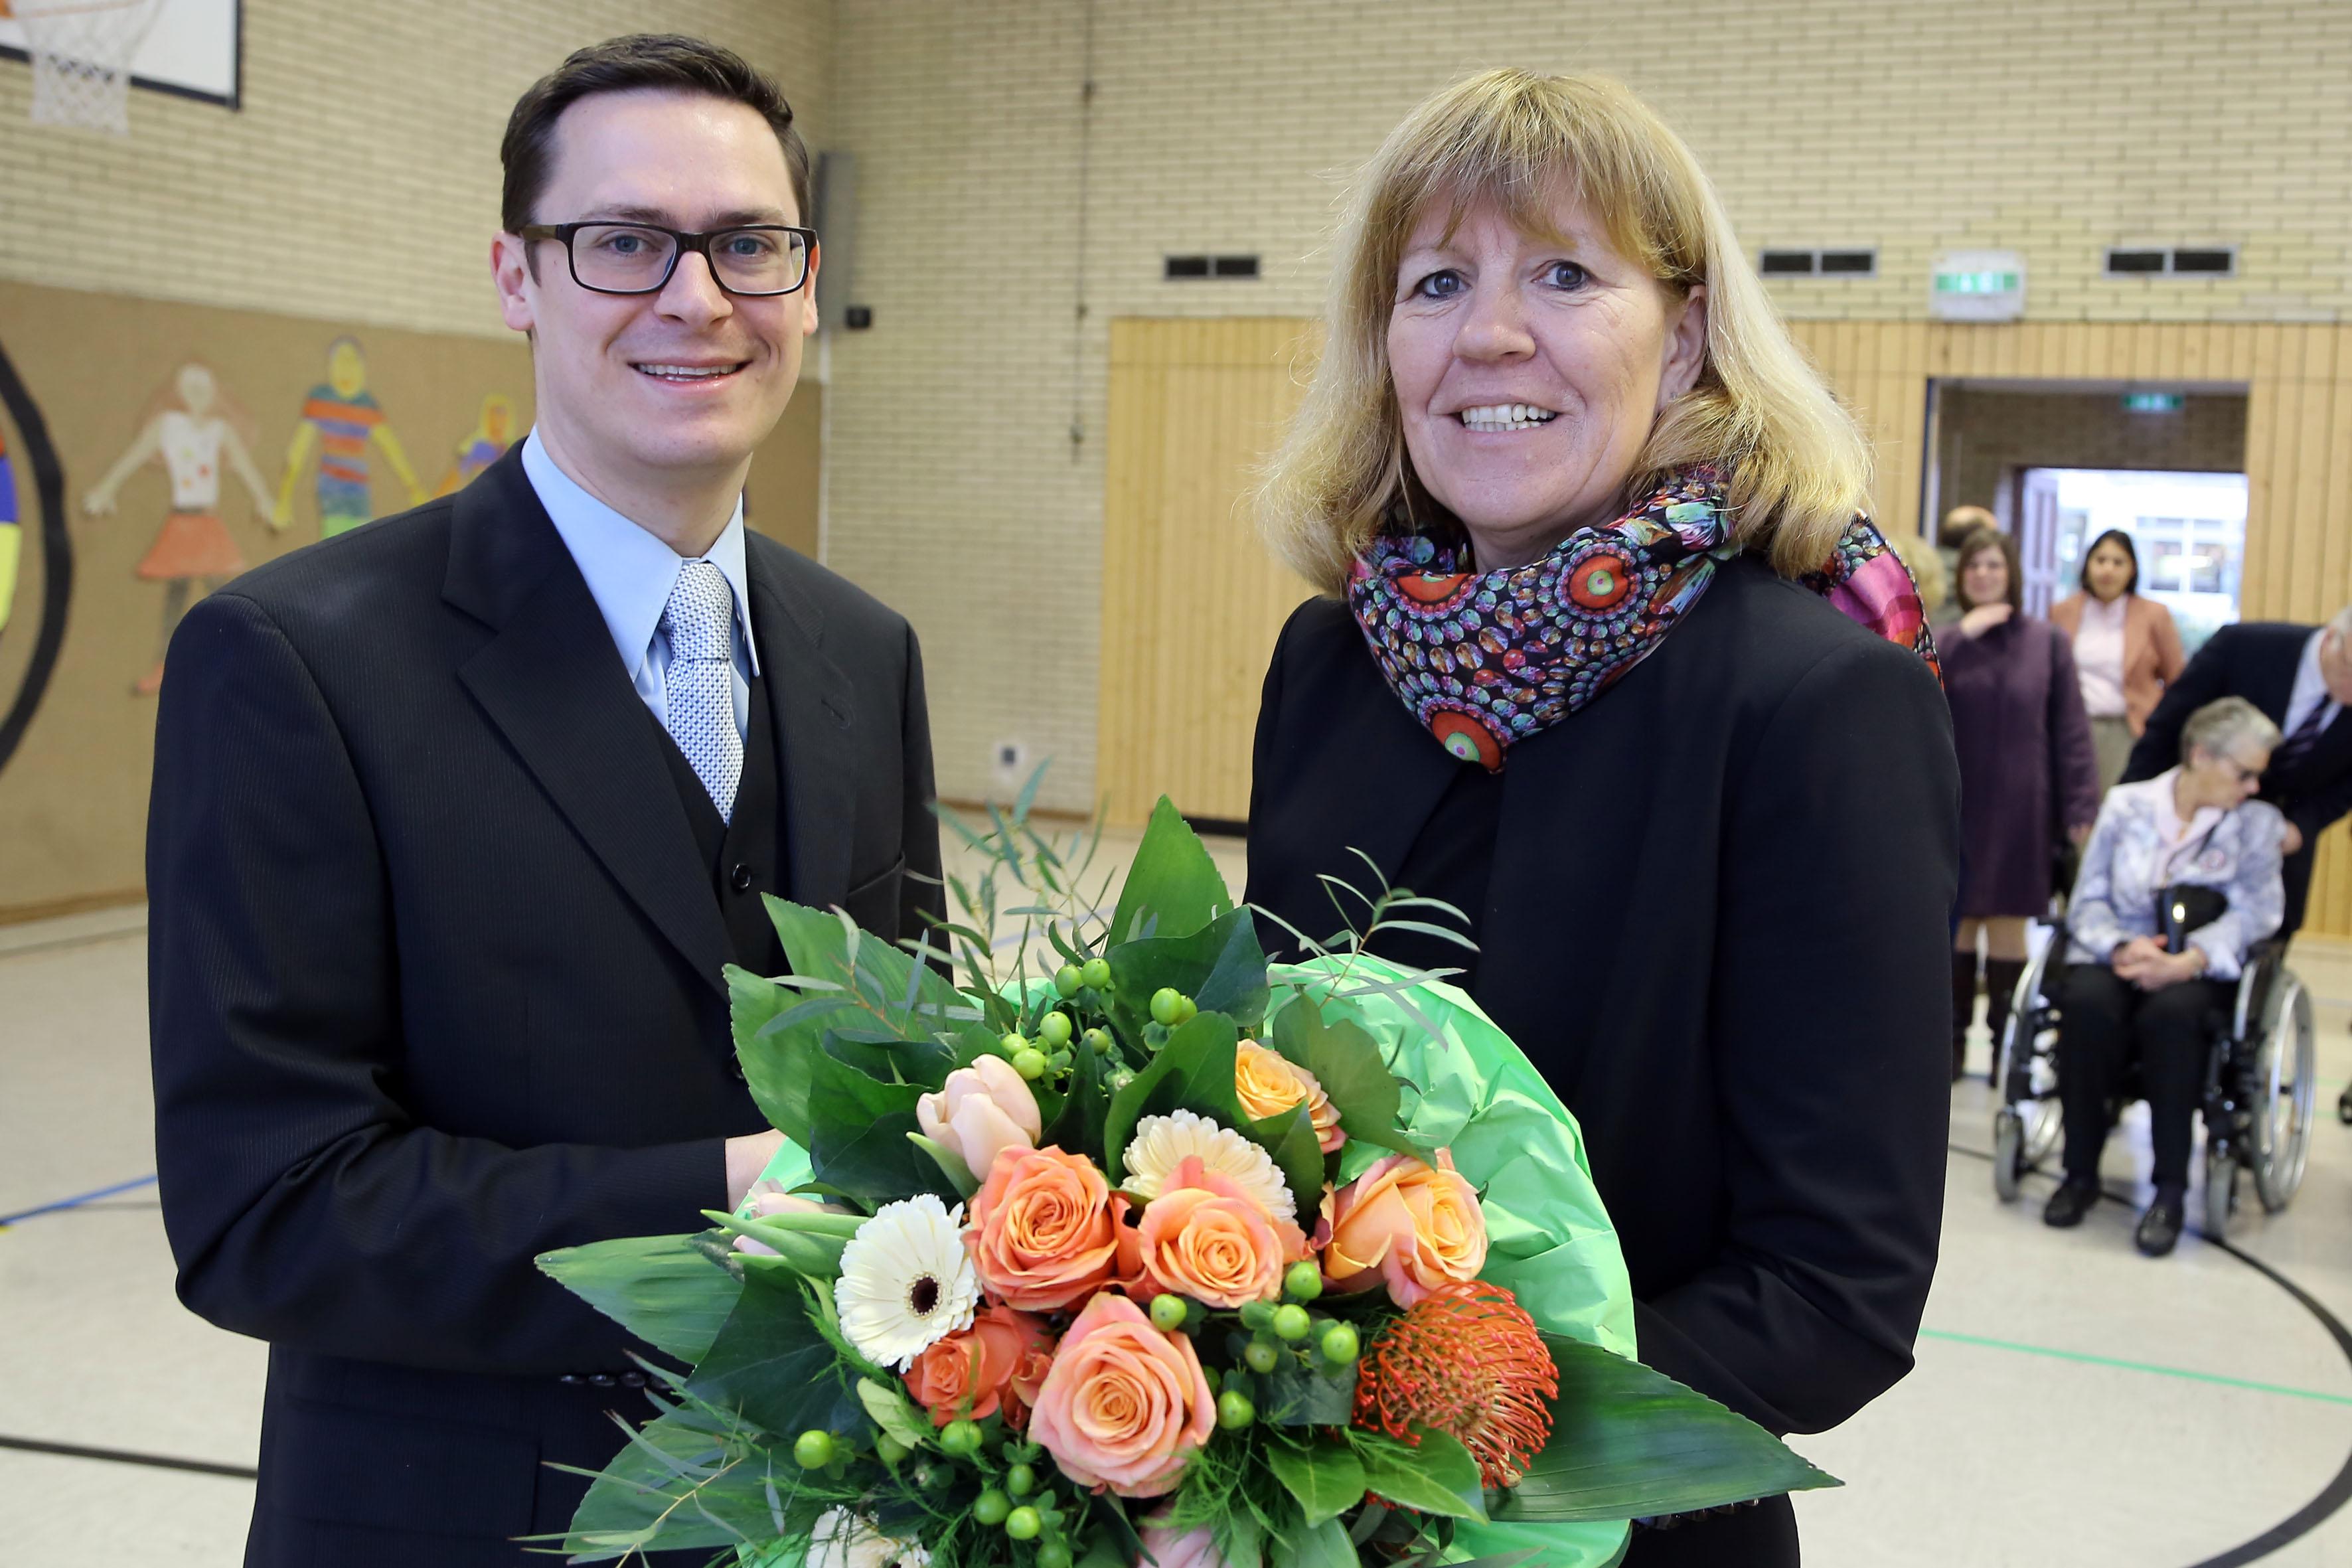 Sebastian Braune nun offiziell Leiter der Mosaikschule (Foto: Stadt Krefeld/L. Strücken)